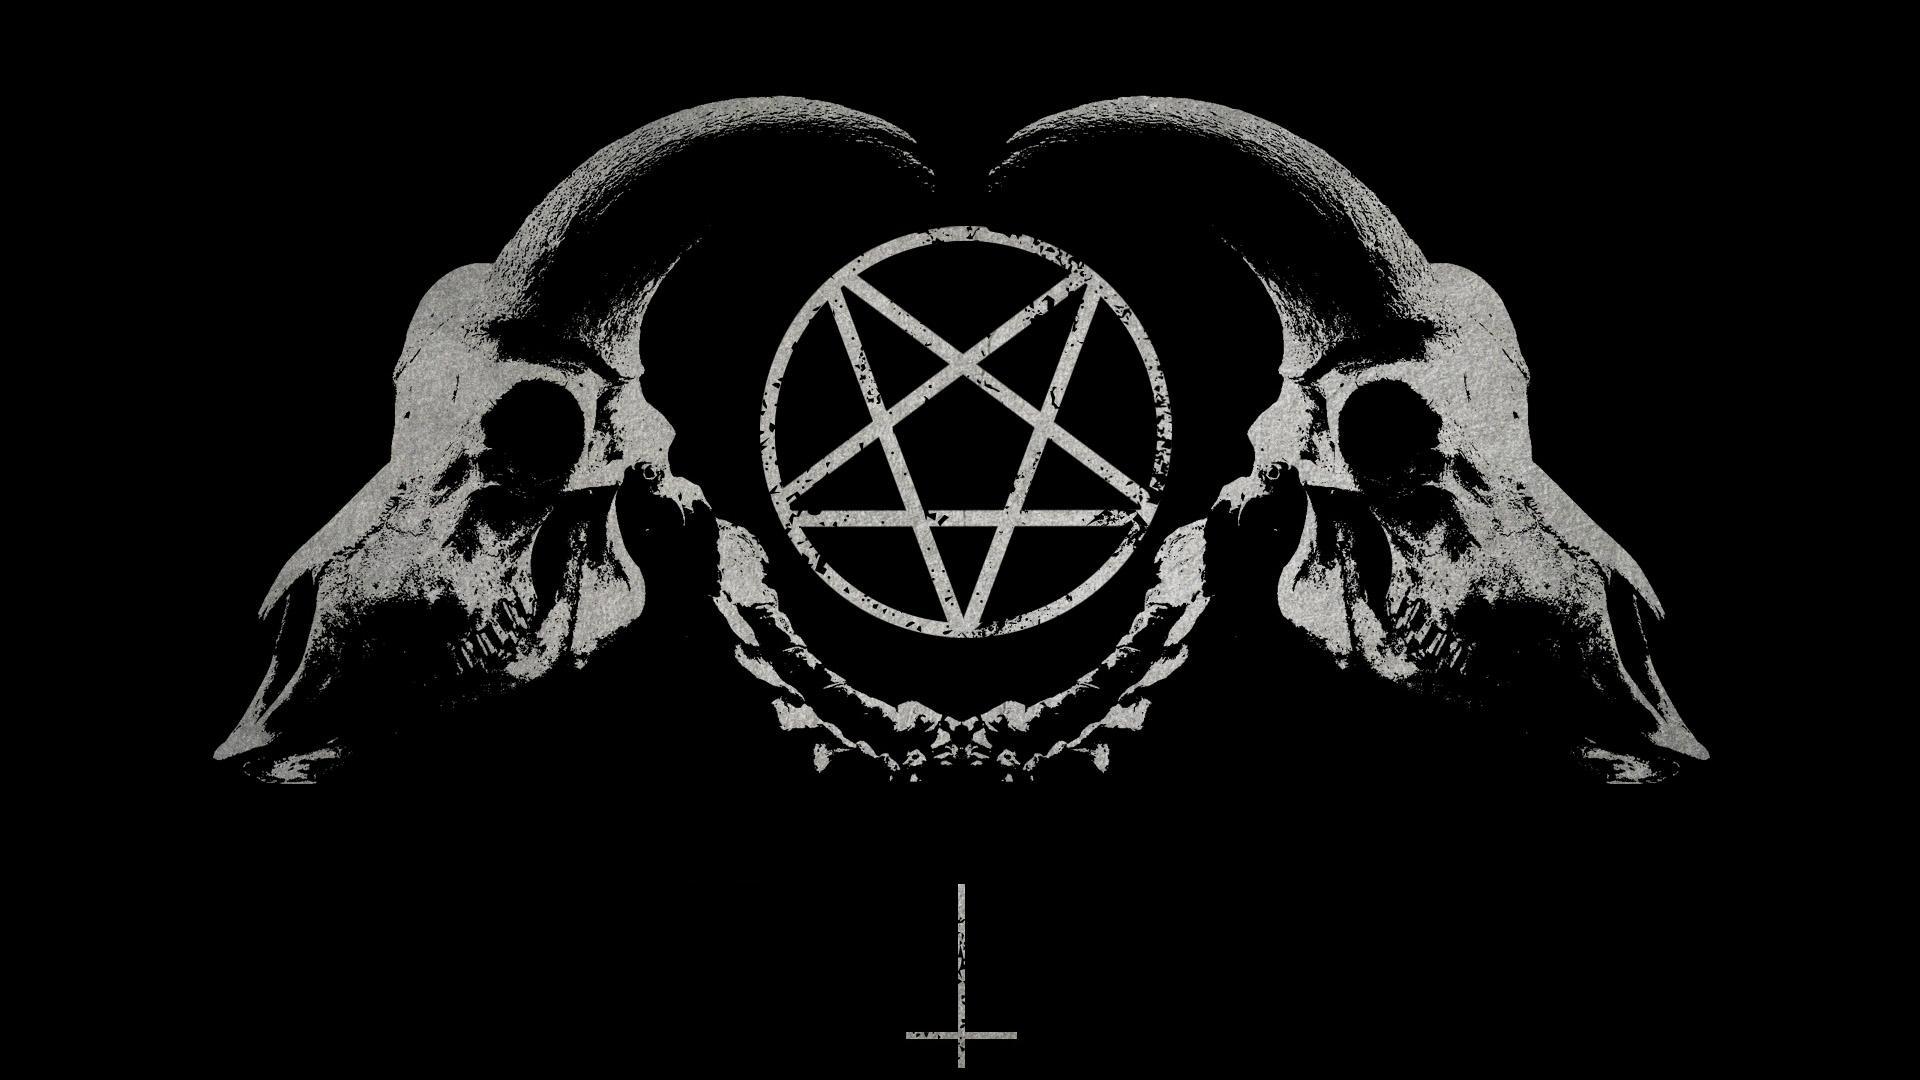 dark horror gothic occult satan penta symbol skull horns wallpaper ...